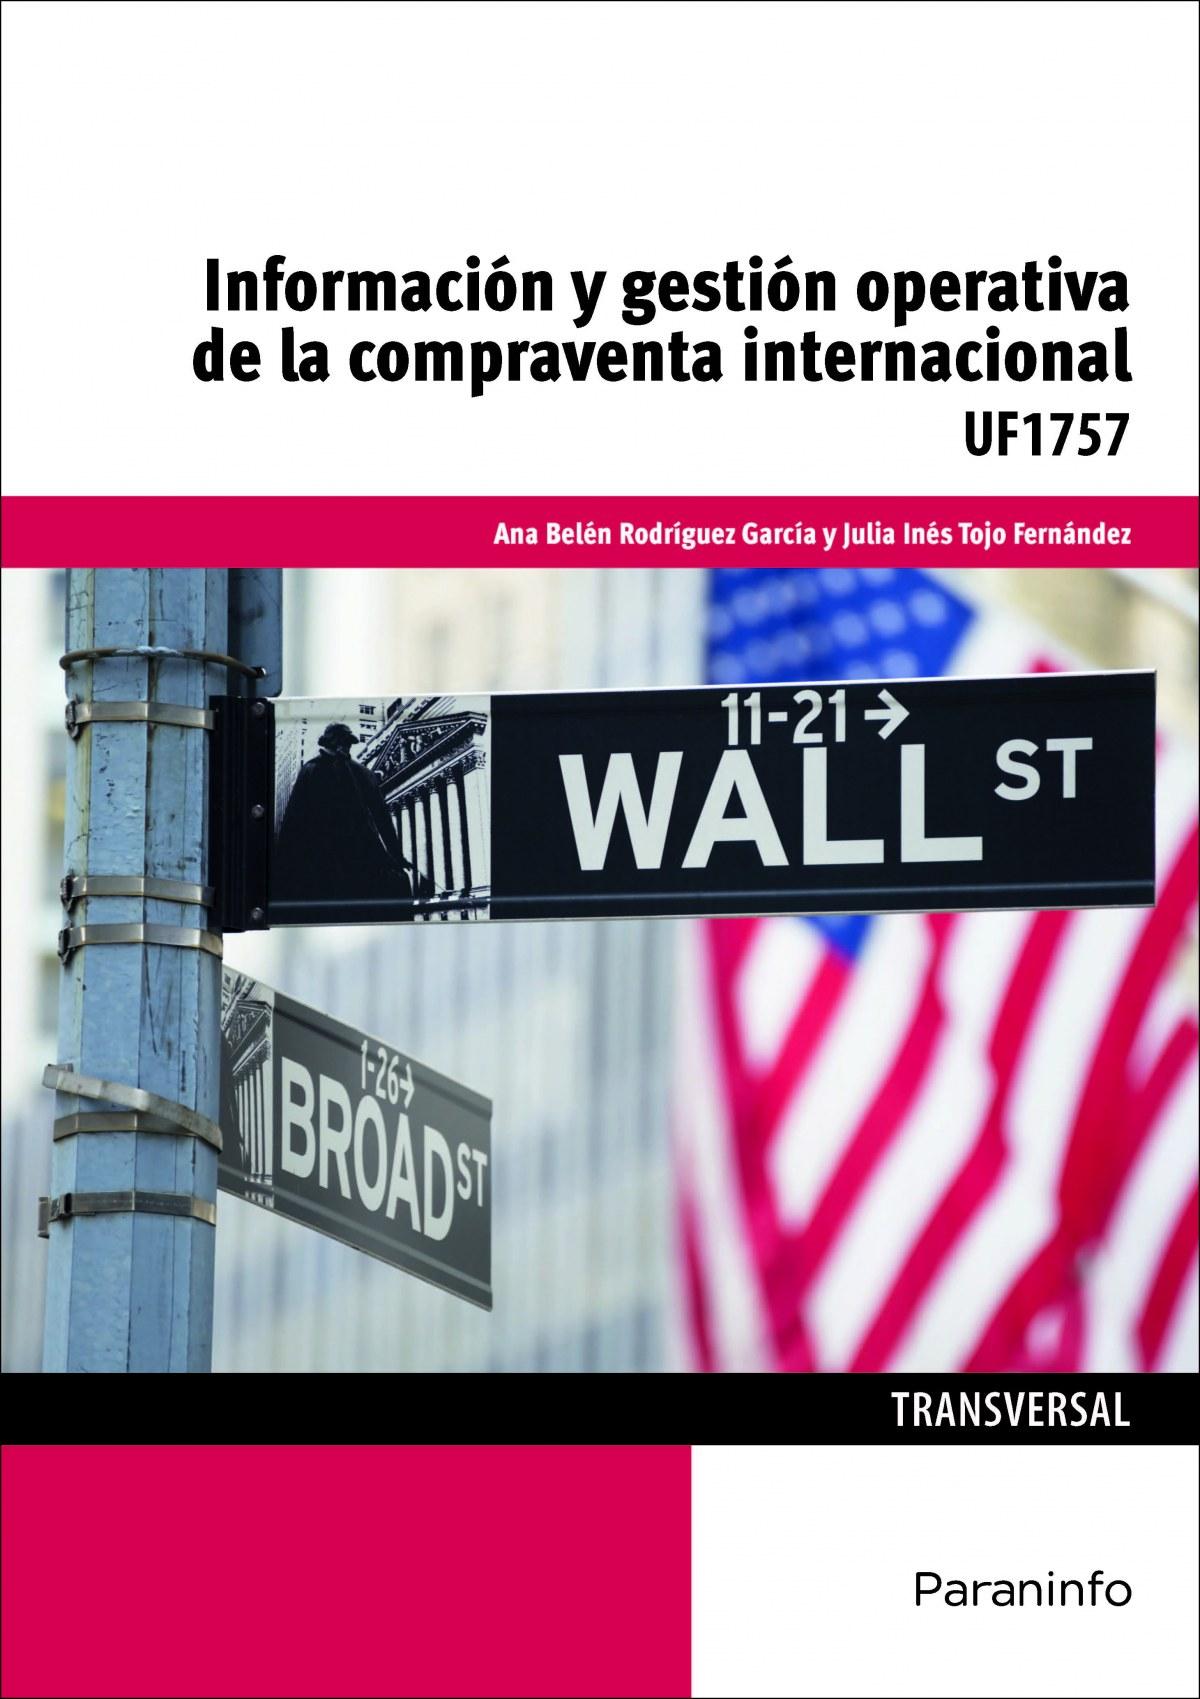 INFORMACION Y GESTION OPERATIVA DE COMPRAVENTA INTERNACIONA